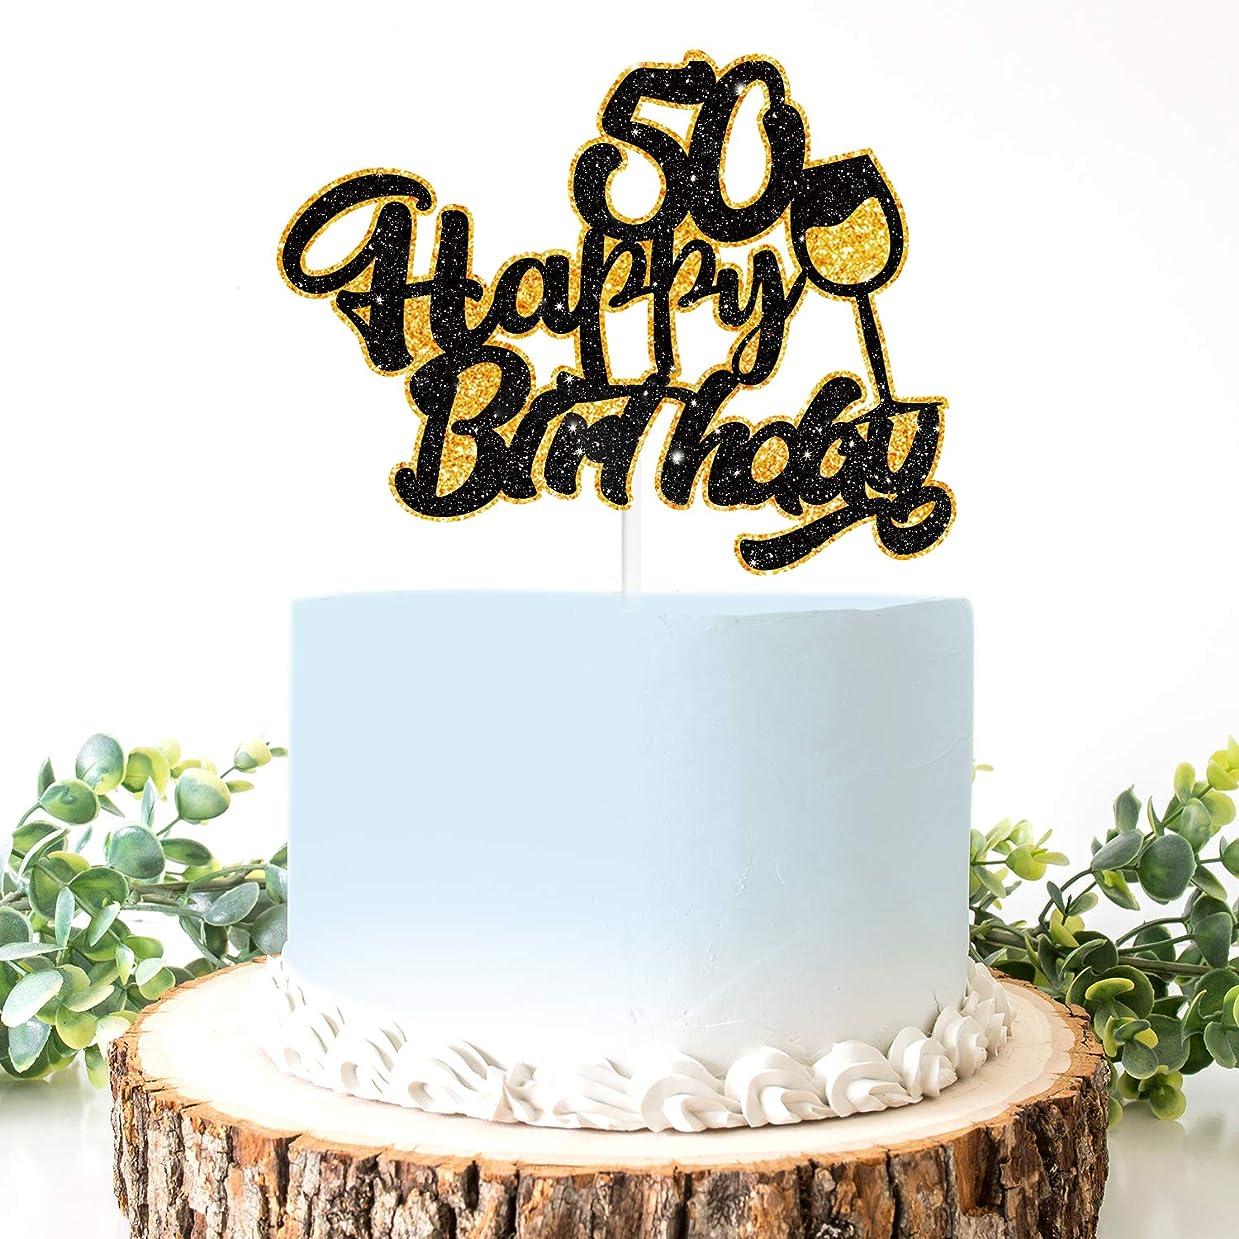 スケルトン配管工交通AERZETIX バースデーデコレーション Happy 50th Birthday ケーキトッパー ワイングラスサイン 50歳を祝う誕生日パーティーデコレーション プレゼント用品